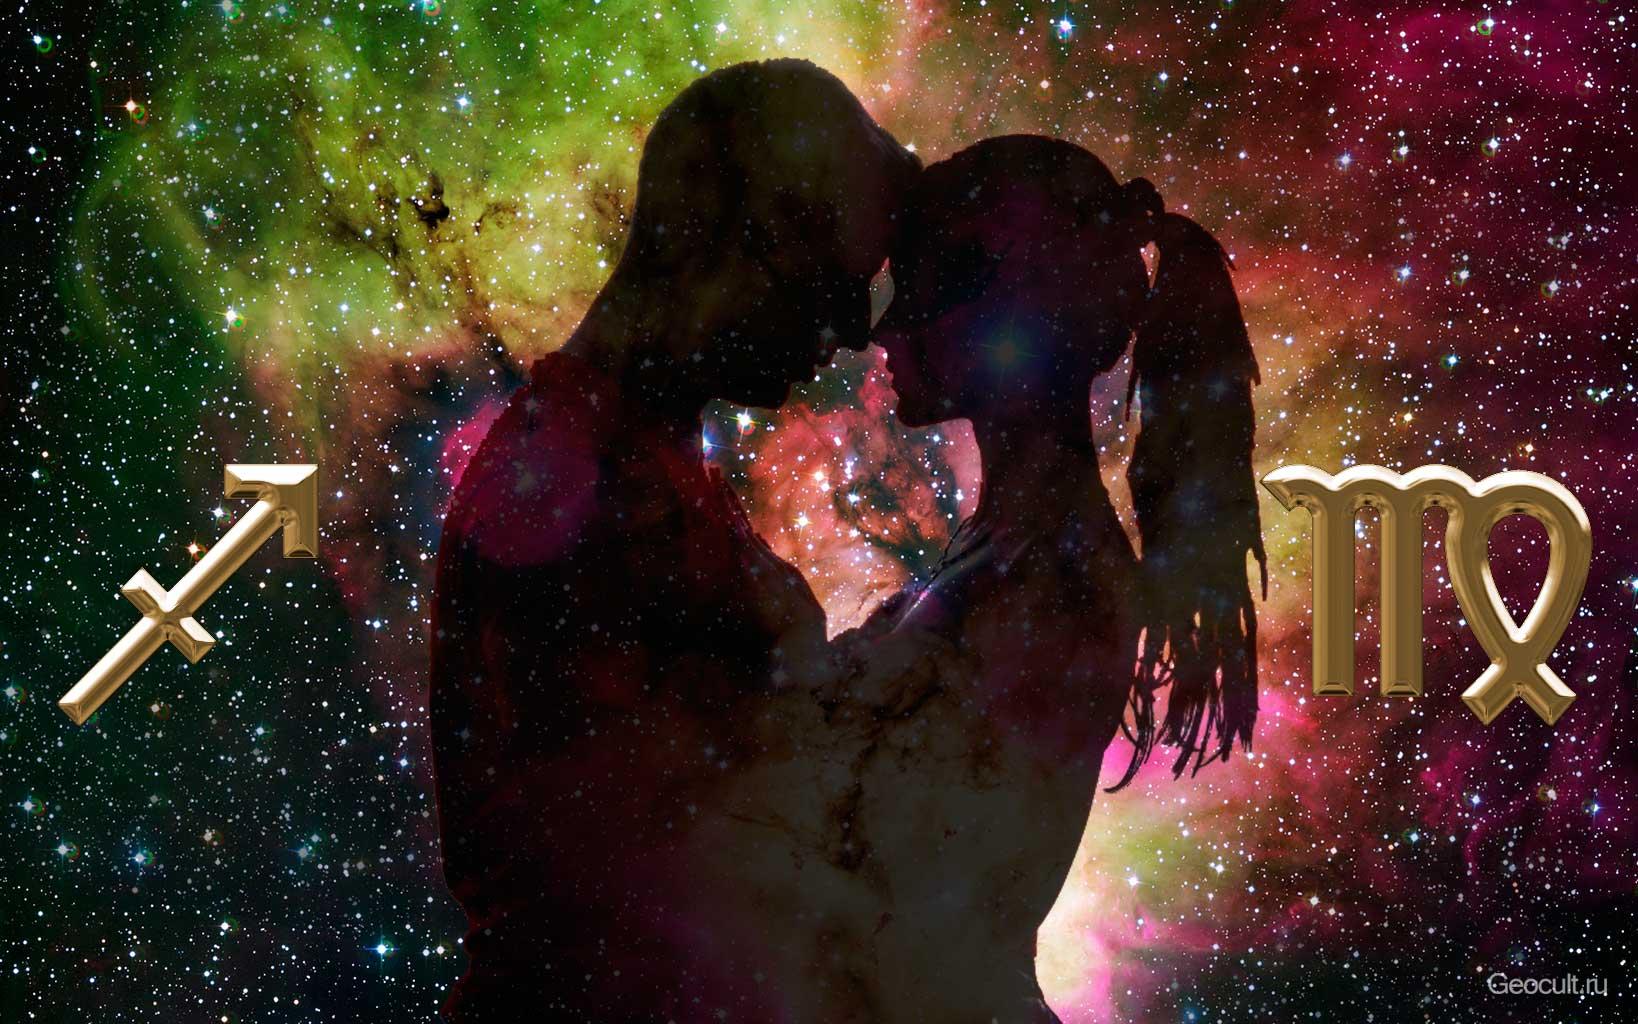 Сексуальный гороскоп совесмтимости дев